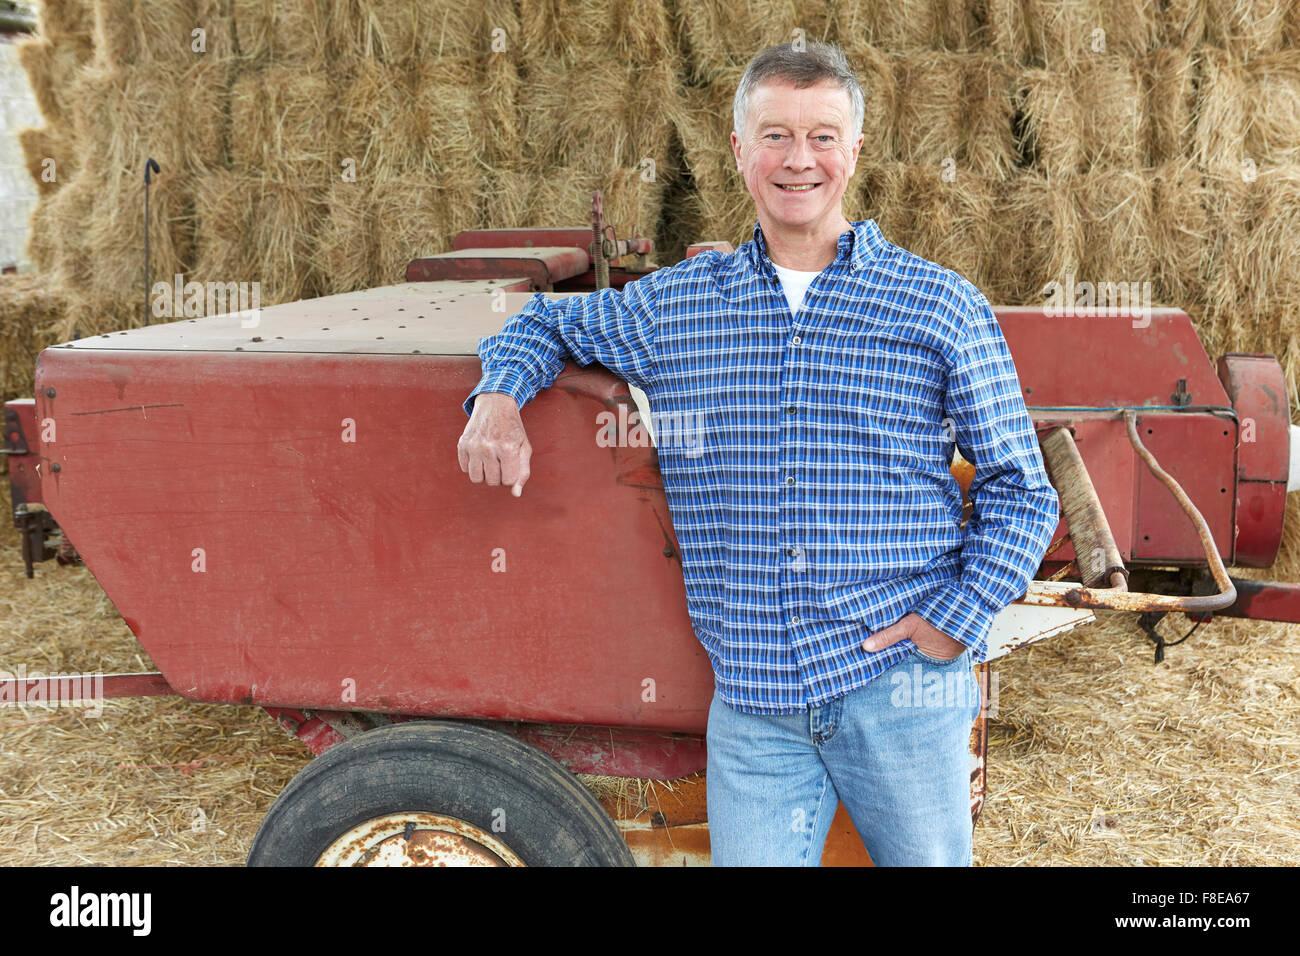 Agricultor de pie delante de fardos y viejos equipos agrícolas Imagen De Stock